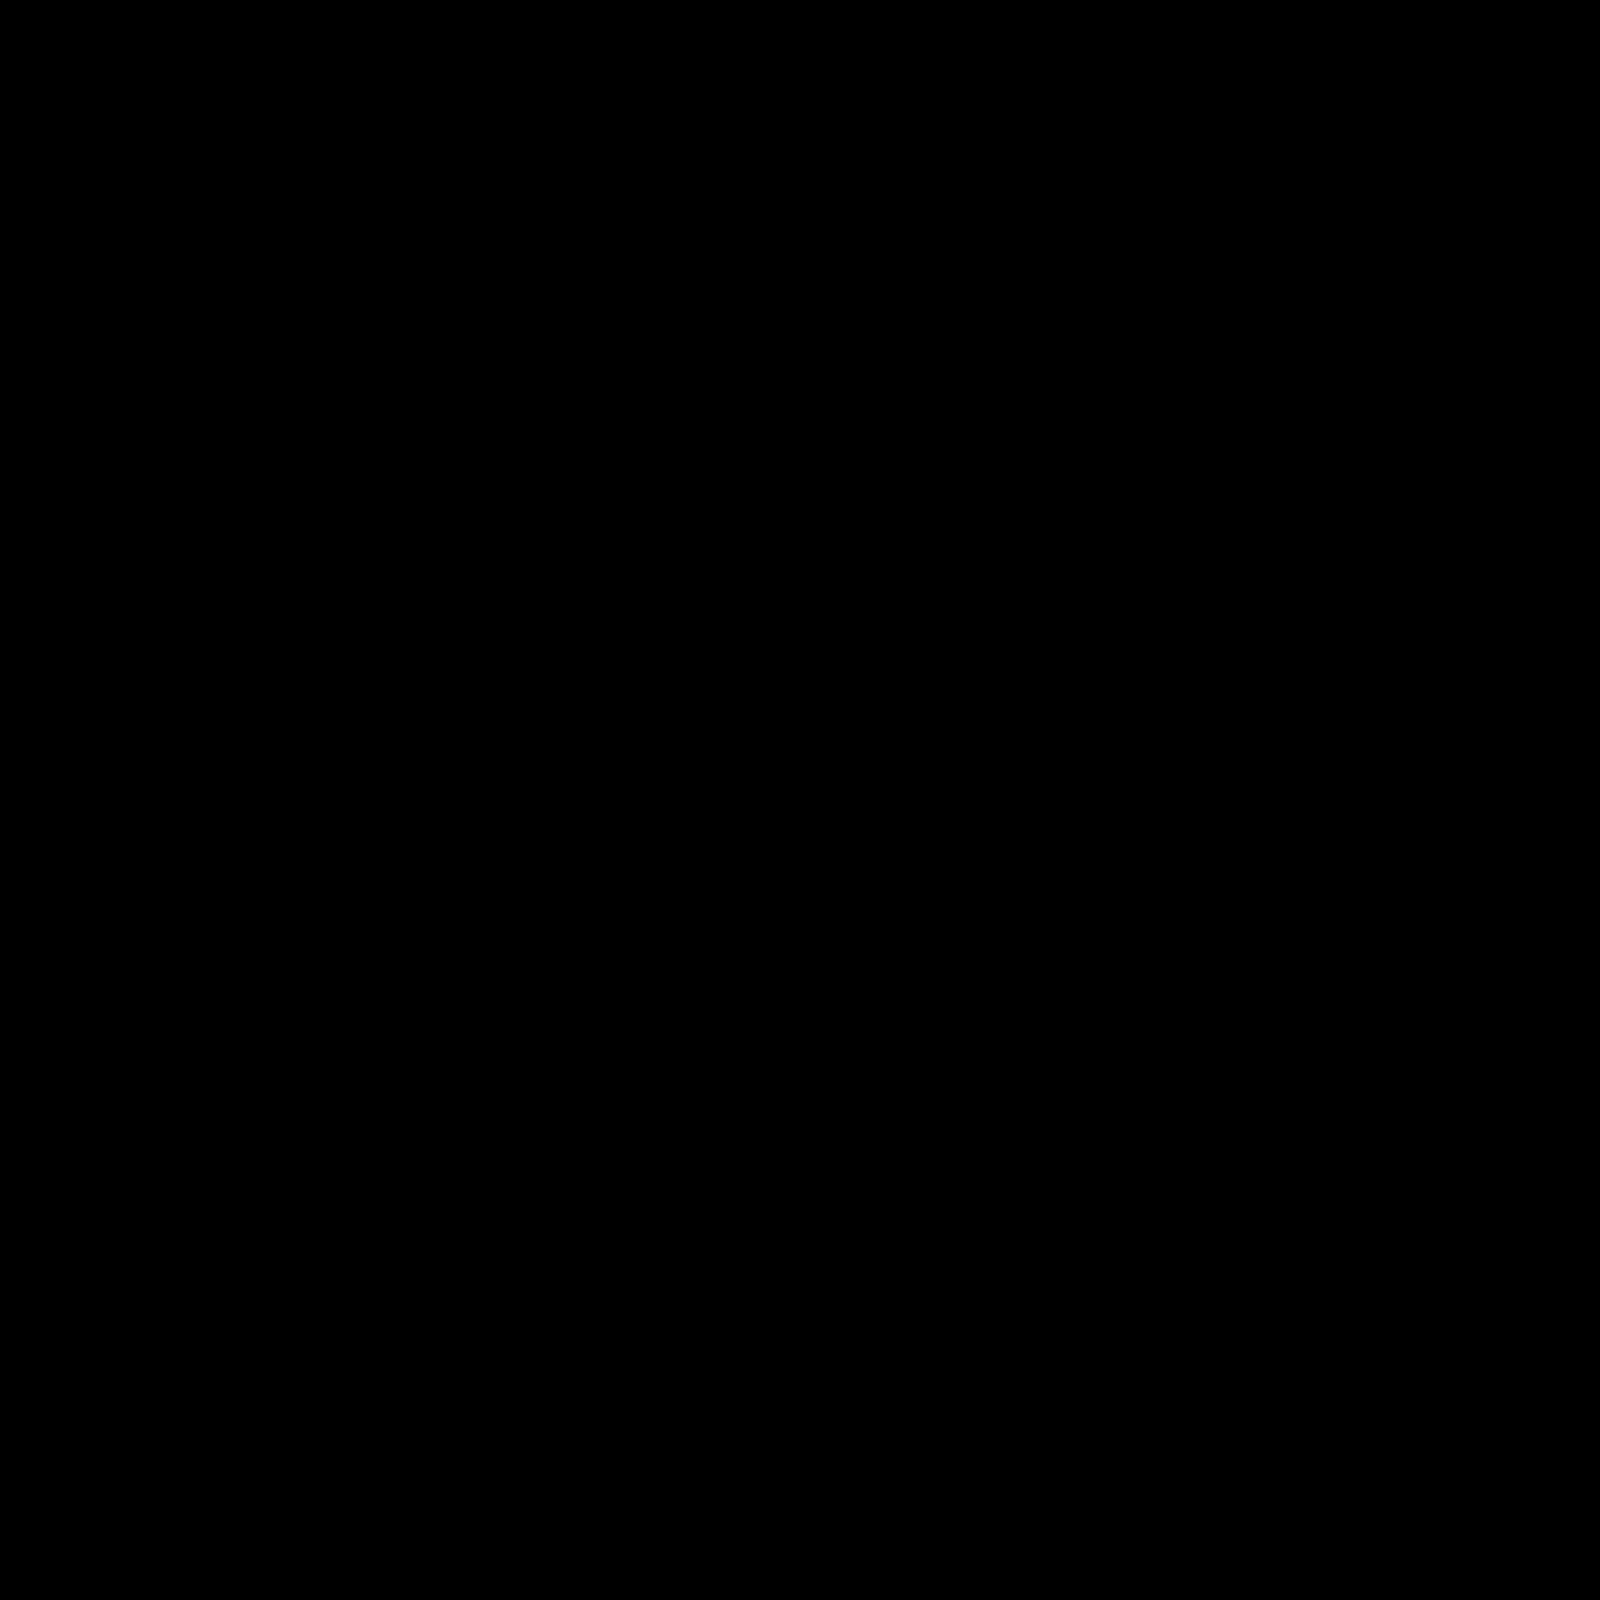 Киборг PNG